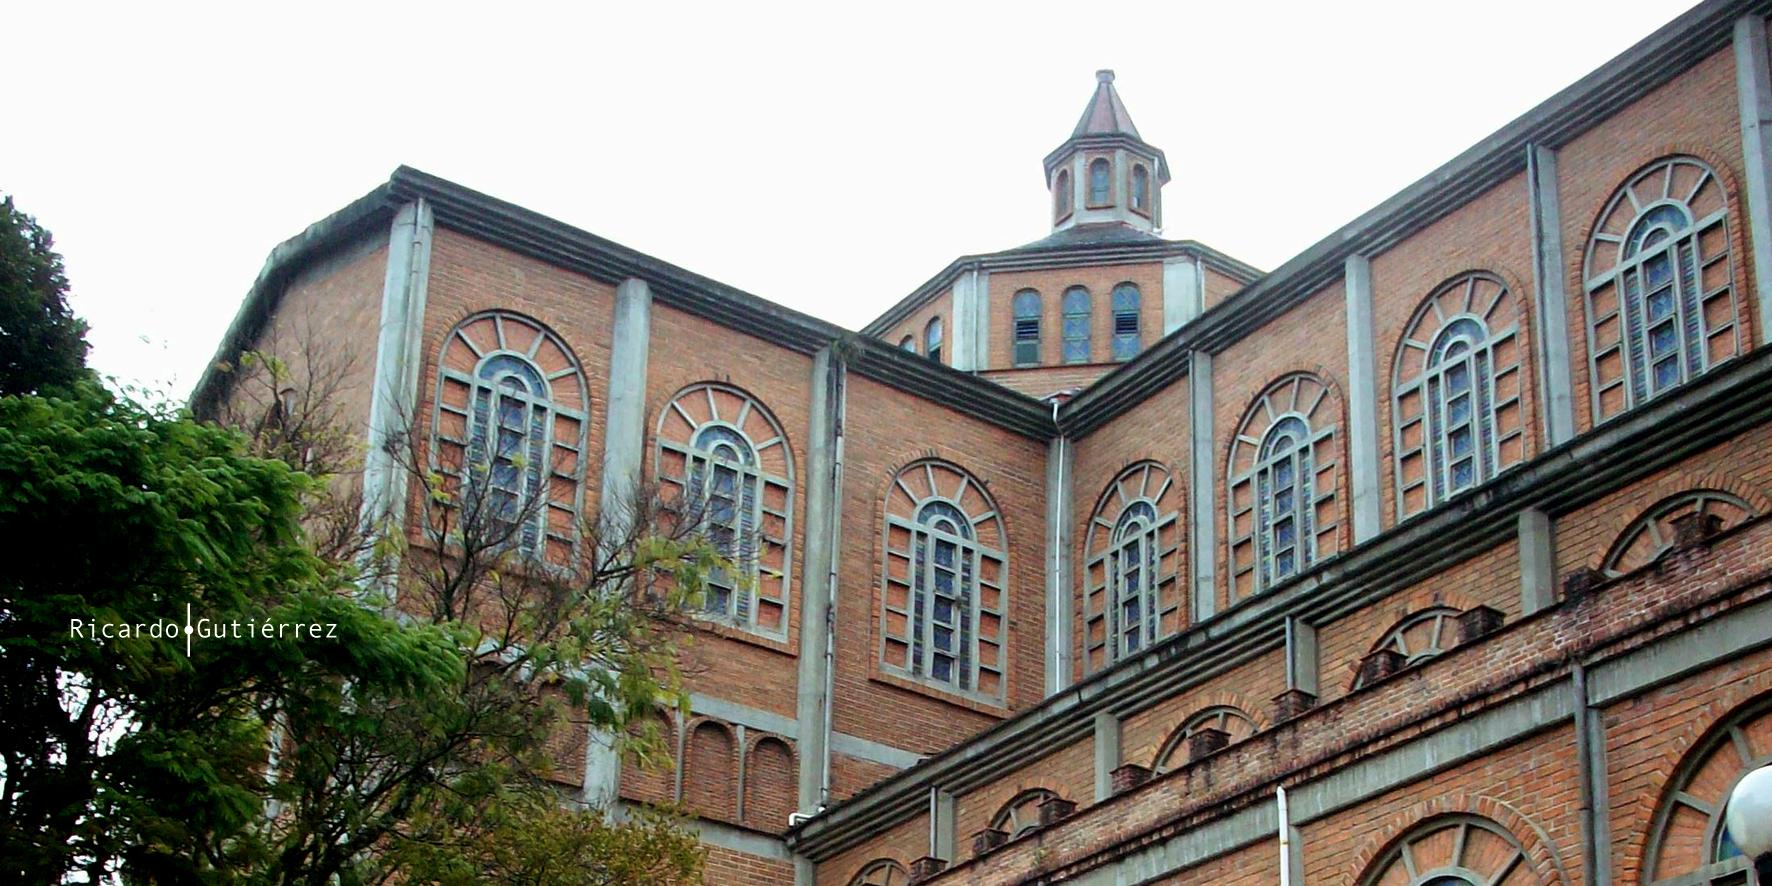 Catedral de Jericó